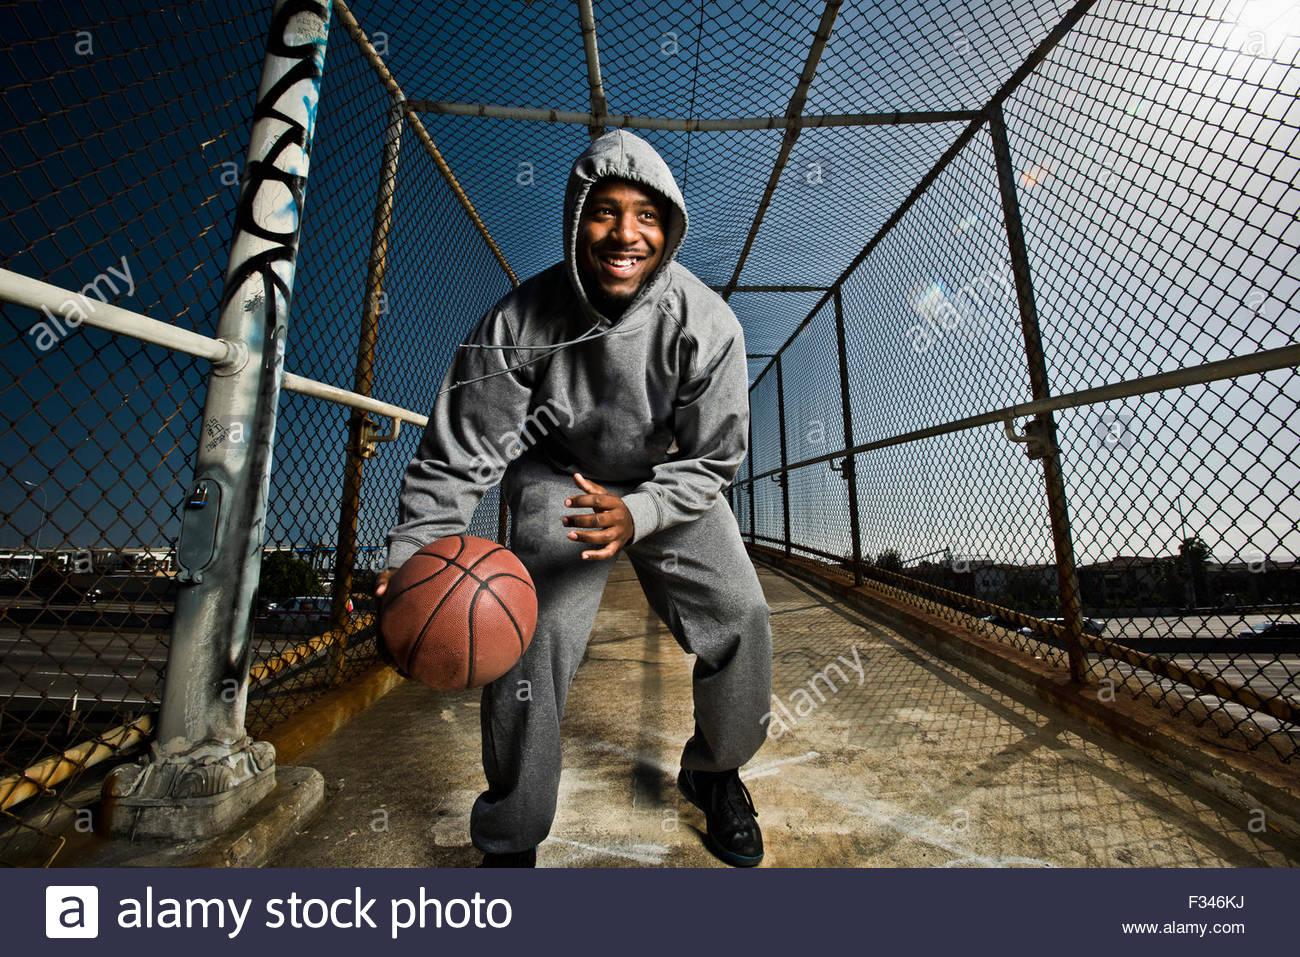 Un giovane uomo giocando con una palla da basket. Immagini Stock